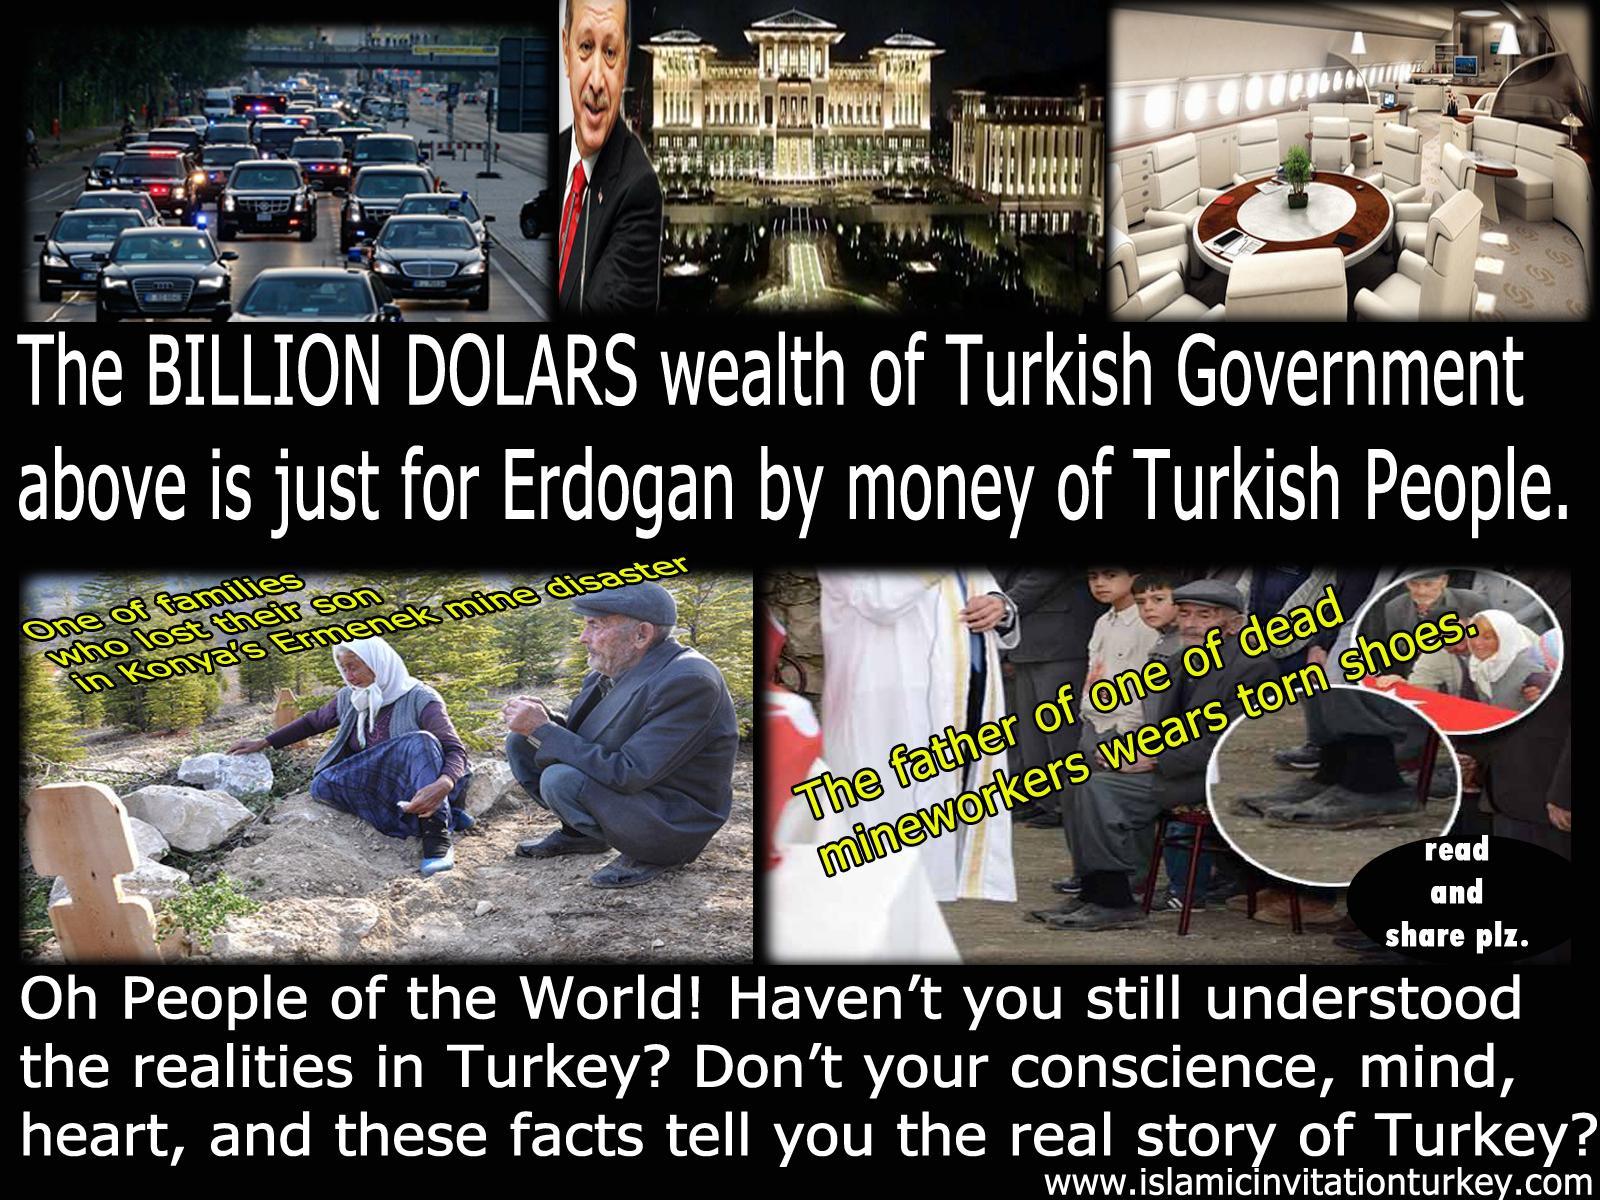 oppressed people of Turkey